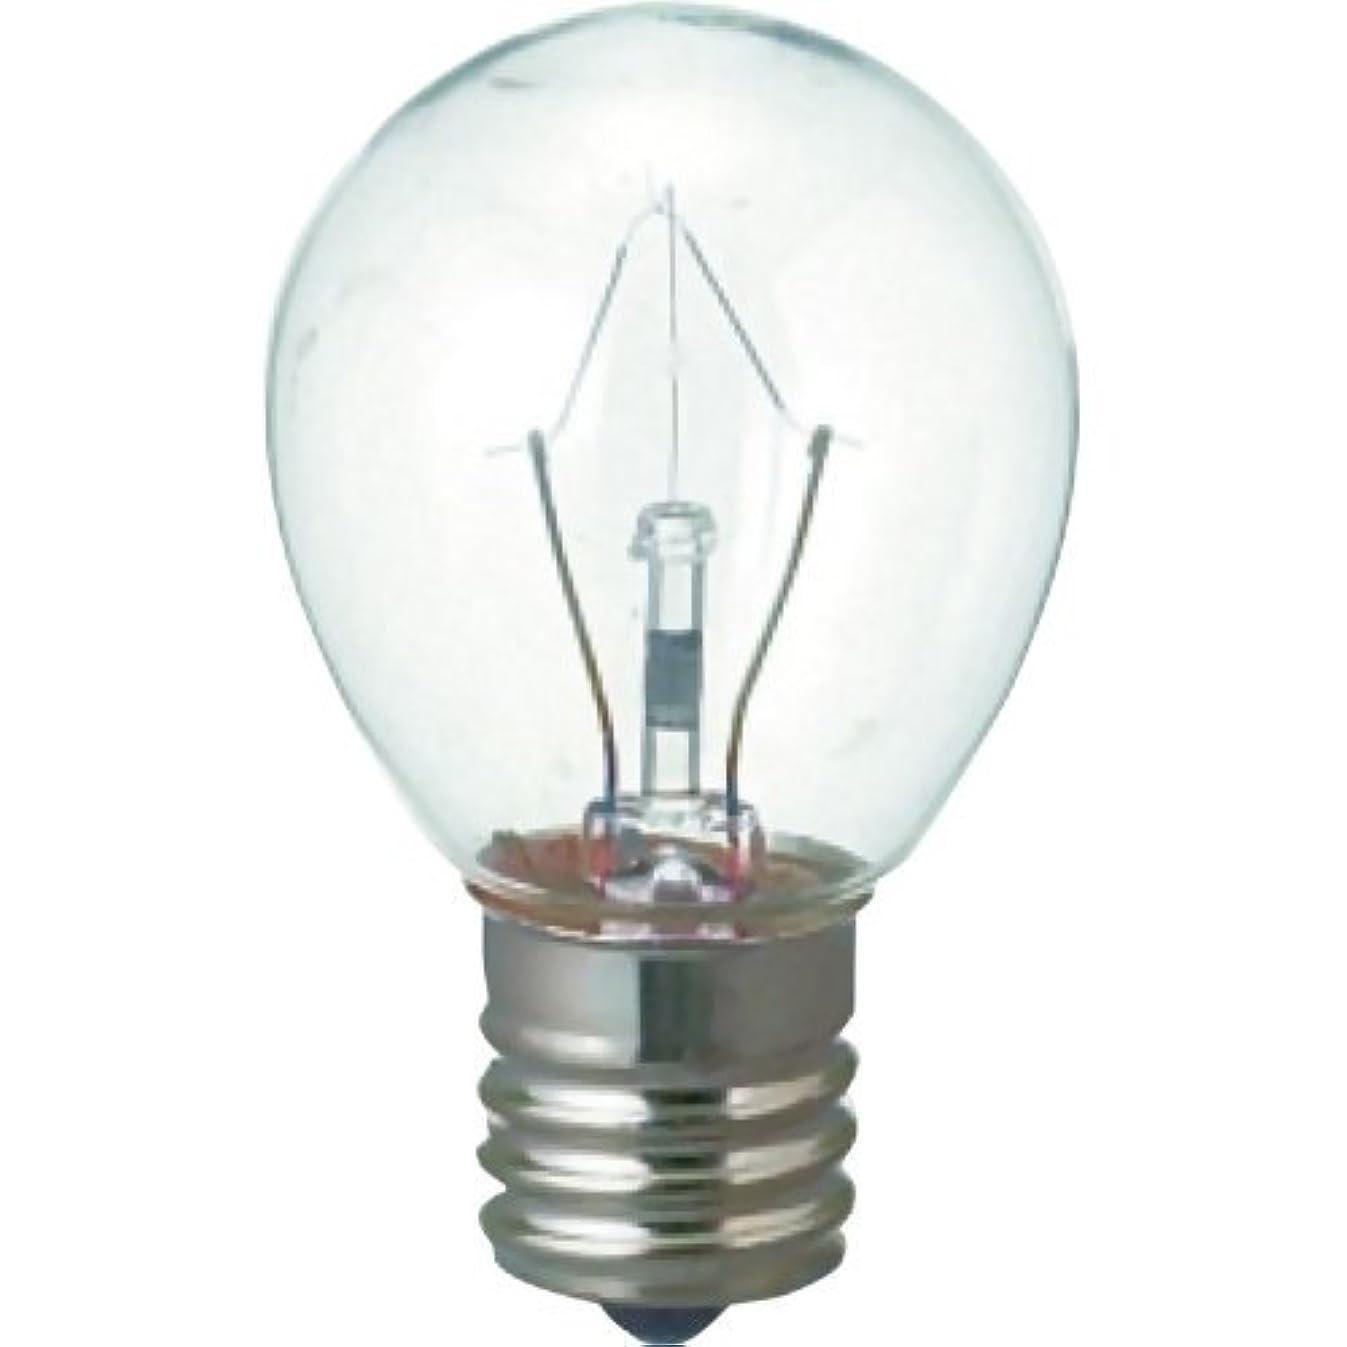 破滅的な穴迅速アロマランプ電球 100V25W